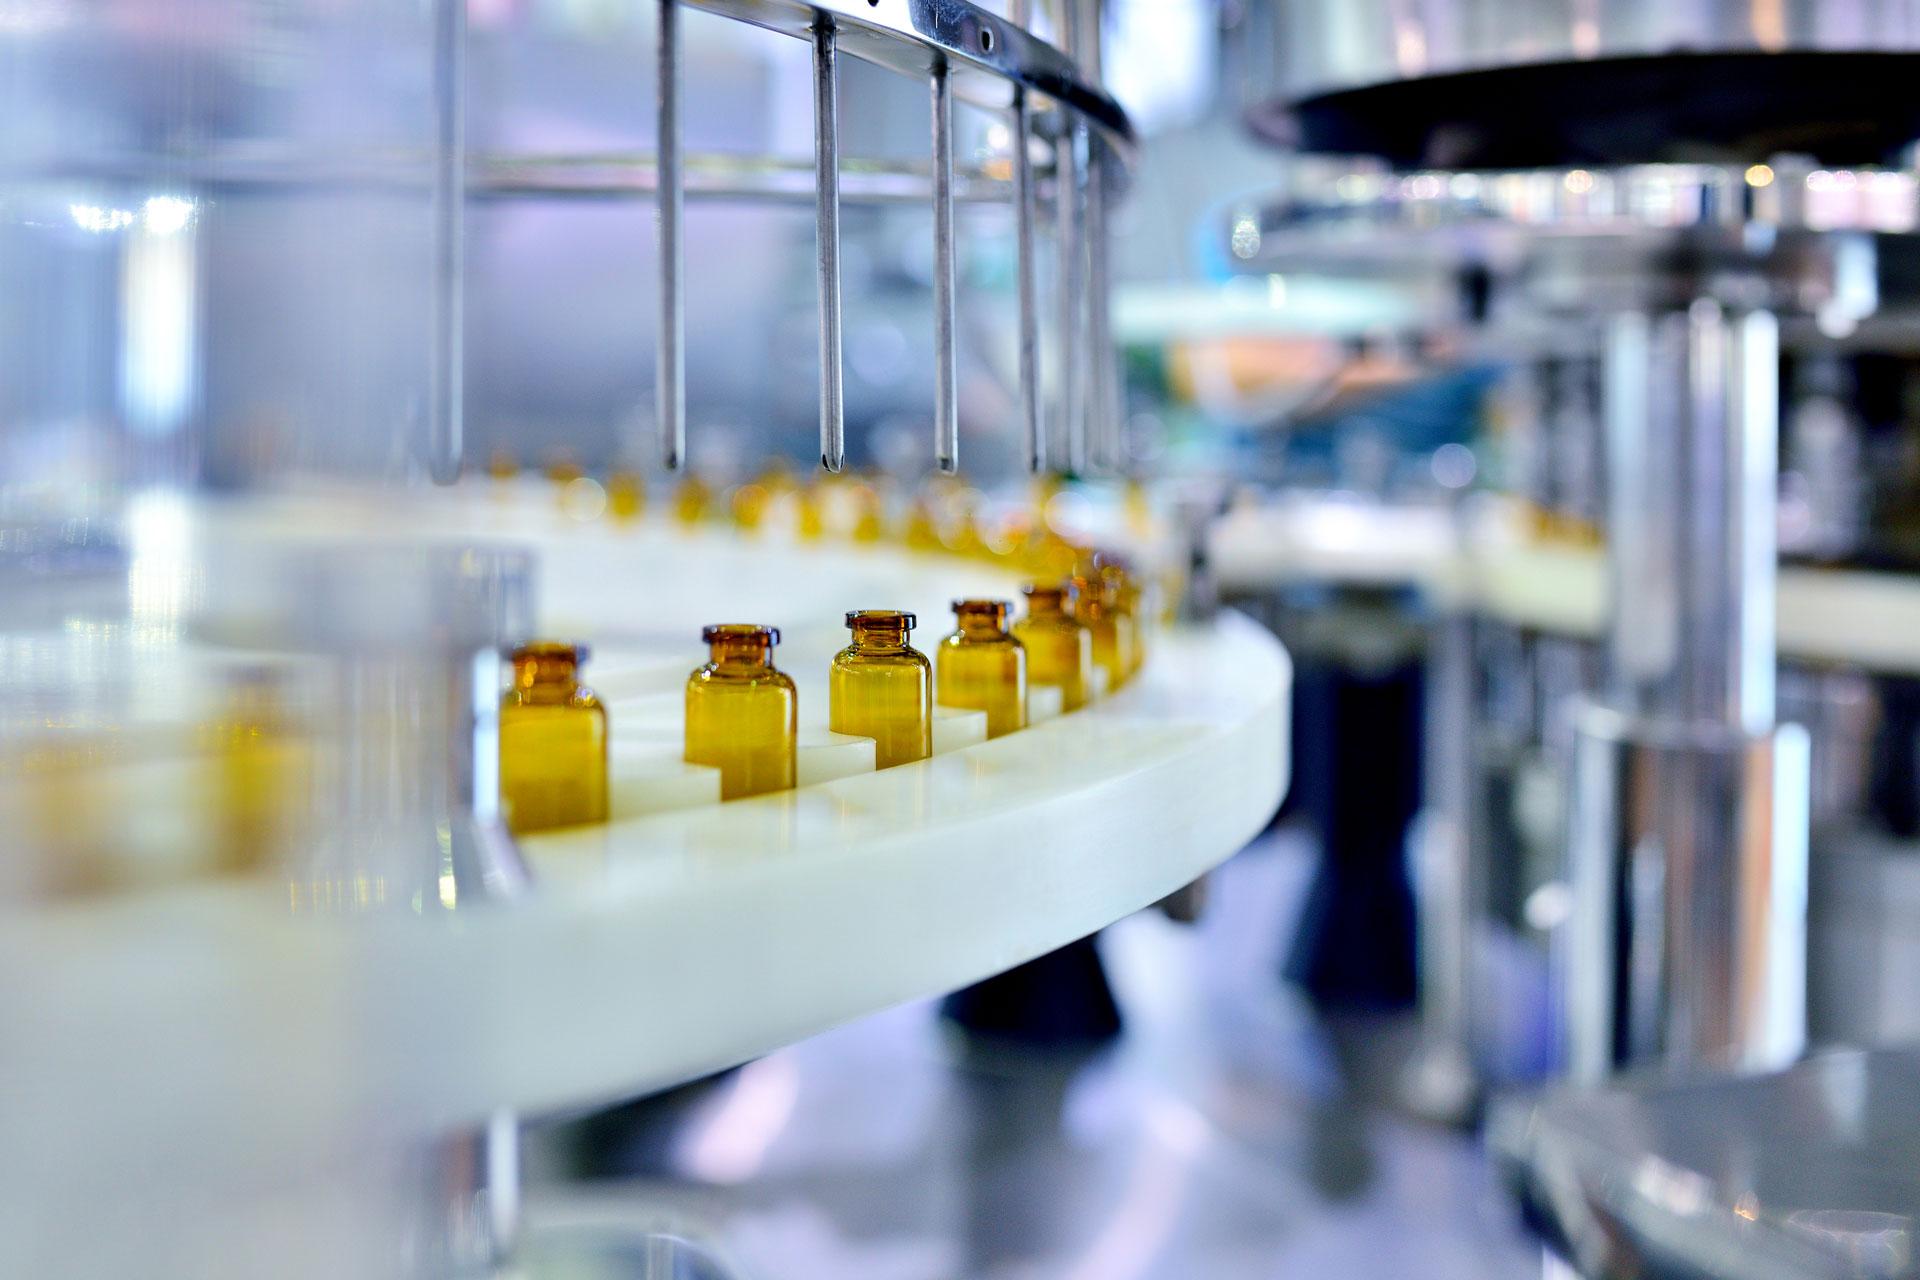 Braunglasflaschenfüllung in einer industriellen Anlage